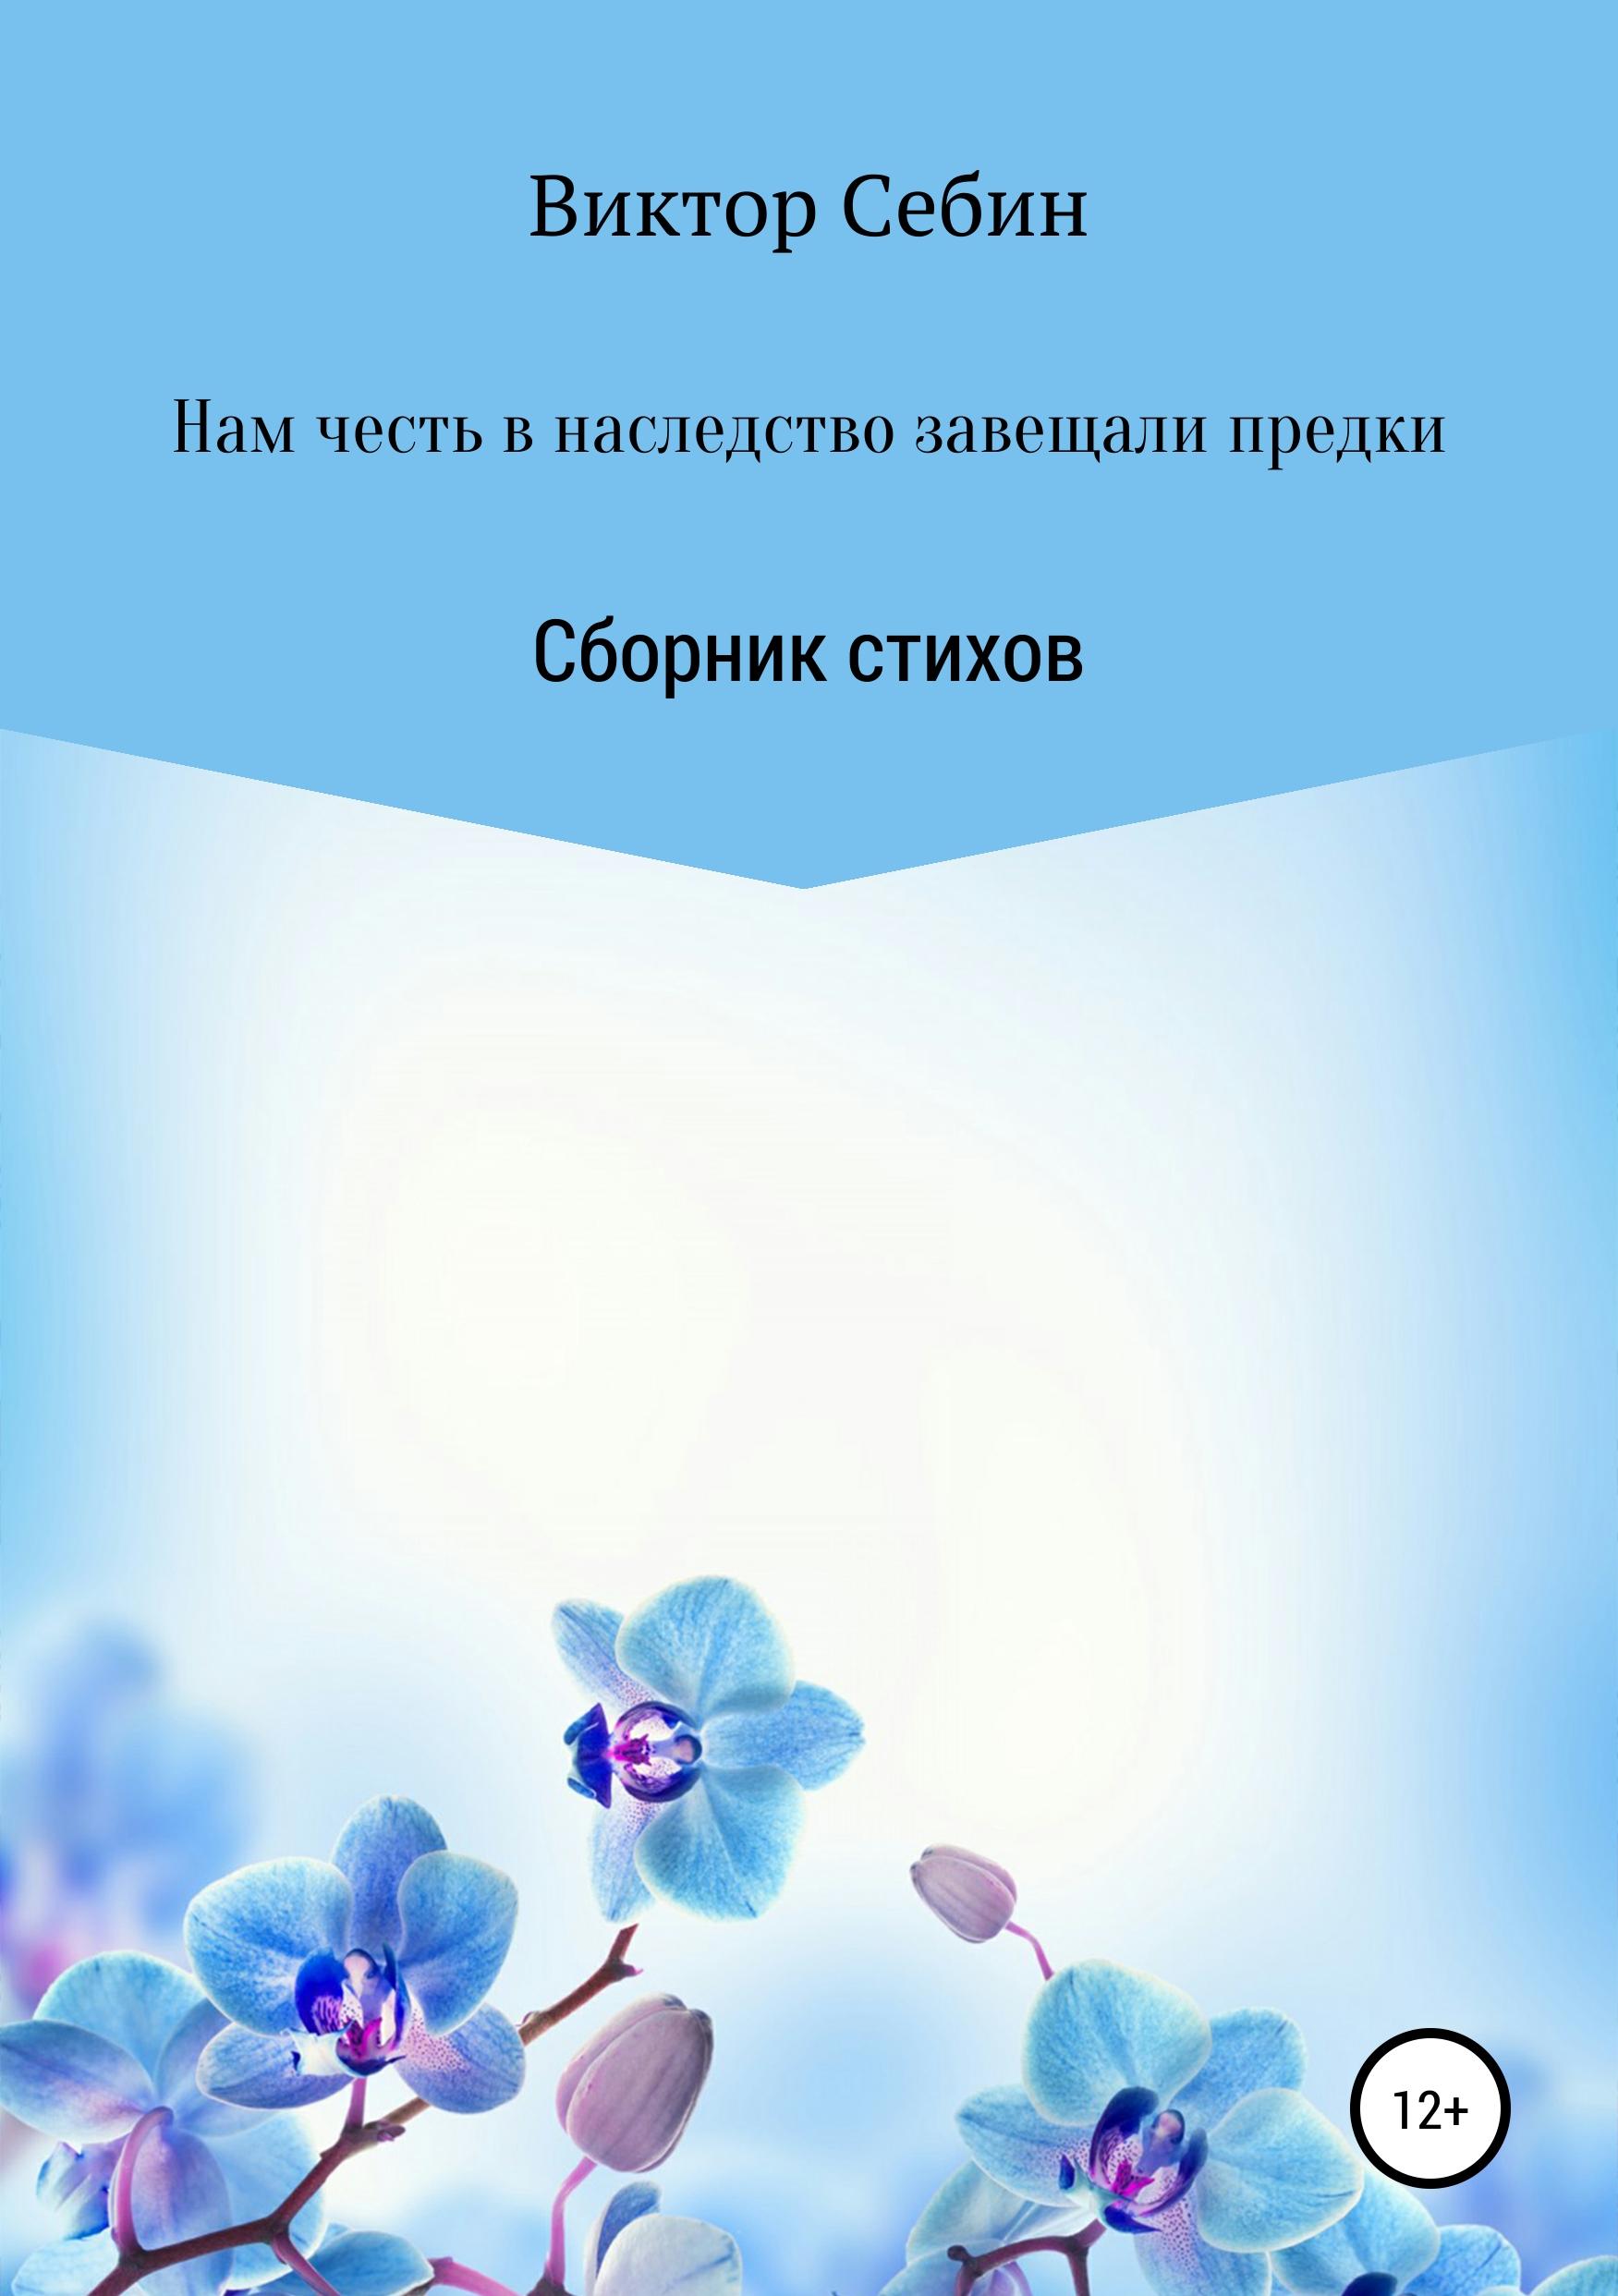 Виктор Федорович Себин Нам честь в наследство завещали предки виктор федорович себин на снегу леденеет роза любовная лирика